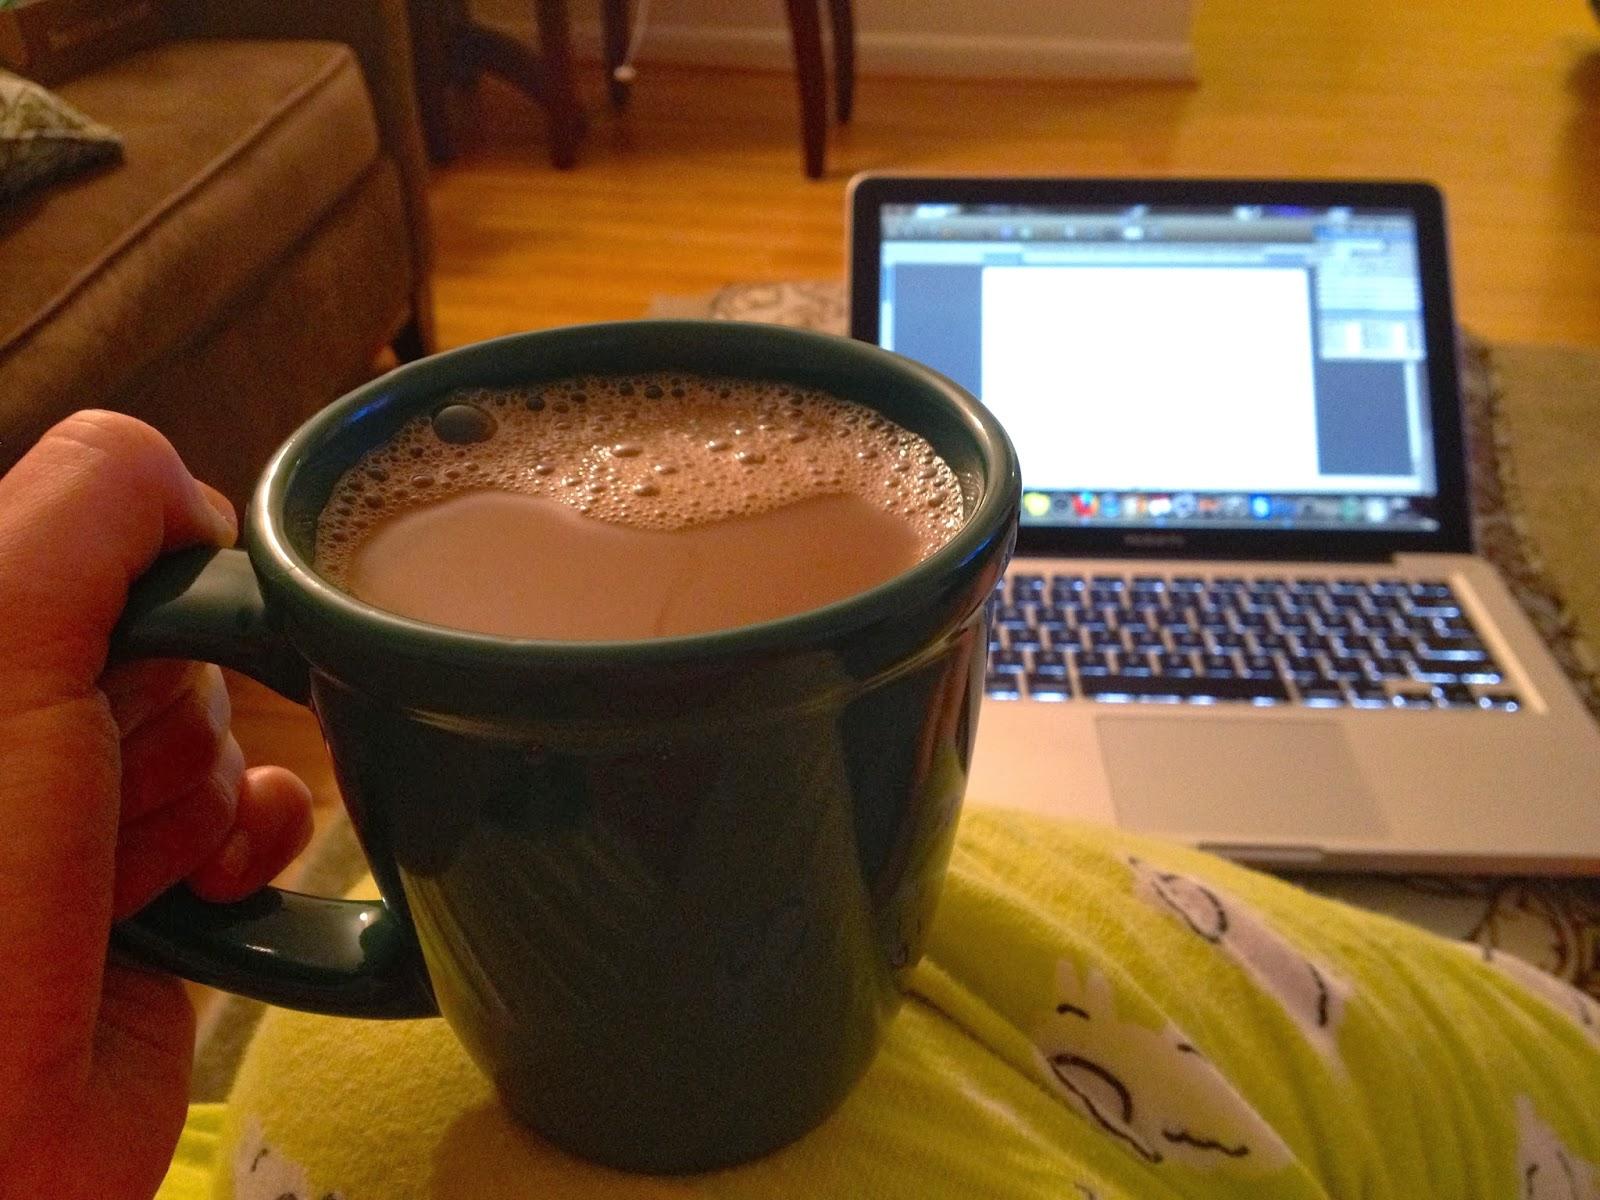 Утренний кофе помогает просыпаться перед работой после бурных выходных